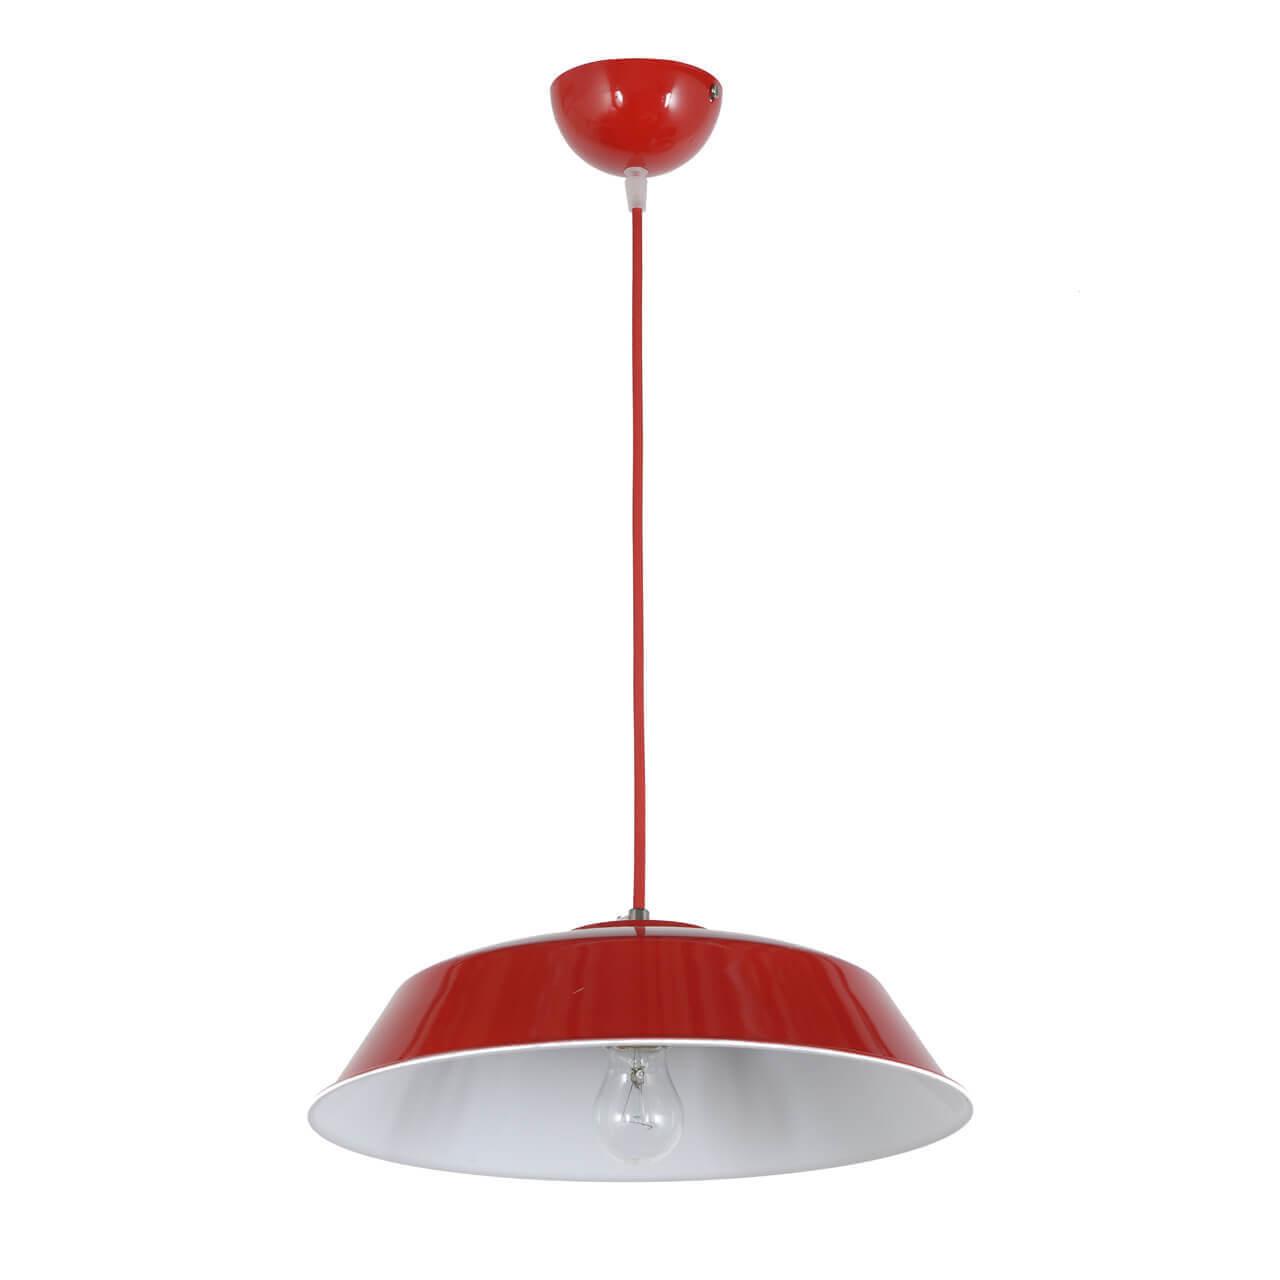 Люстра Arti lampadari GELO E 1.3.P1 R фото